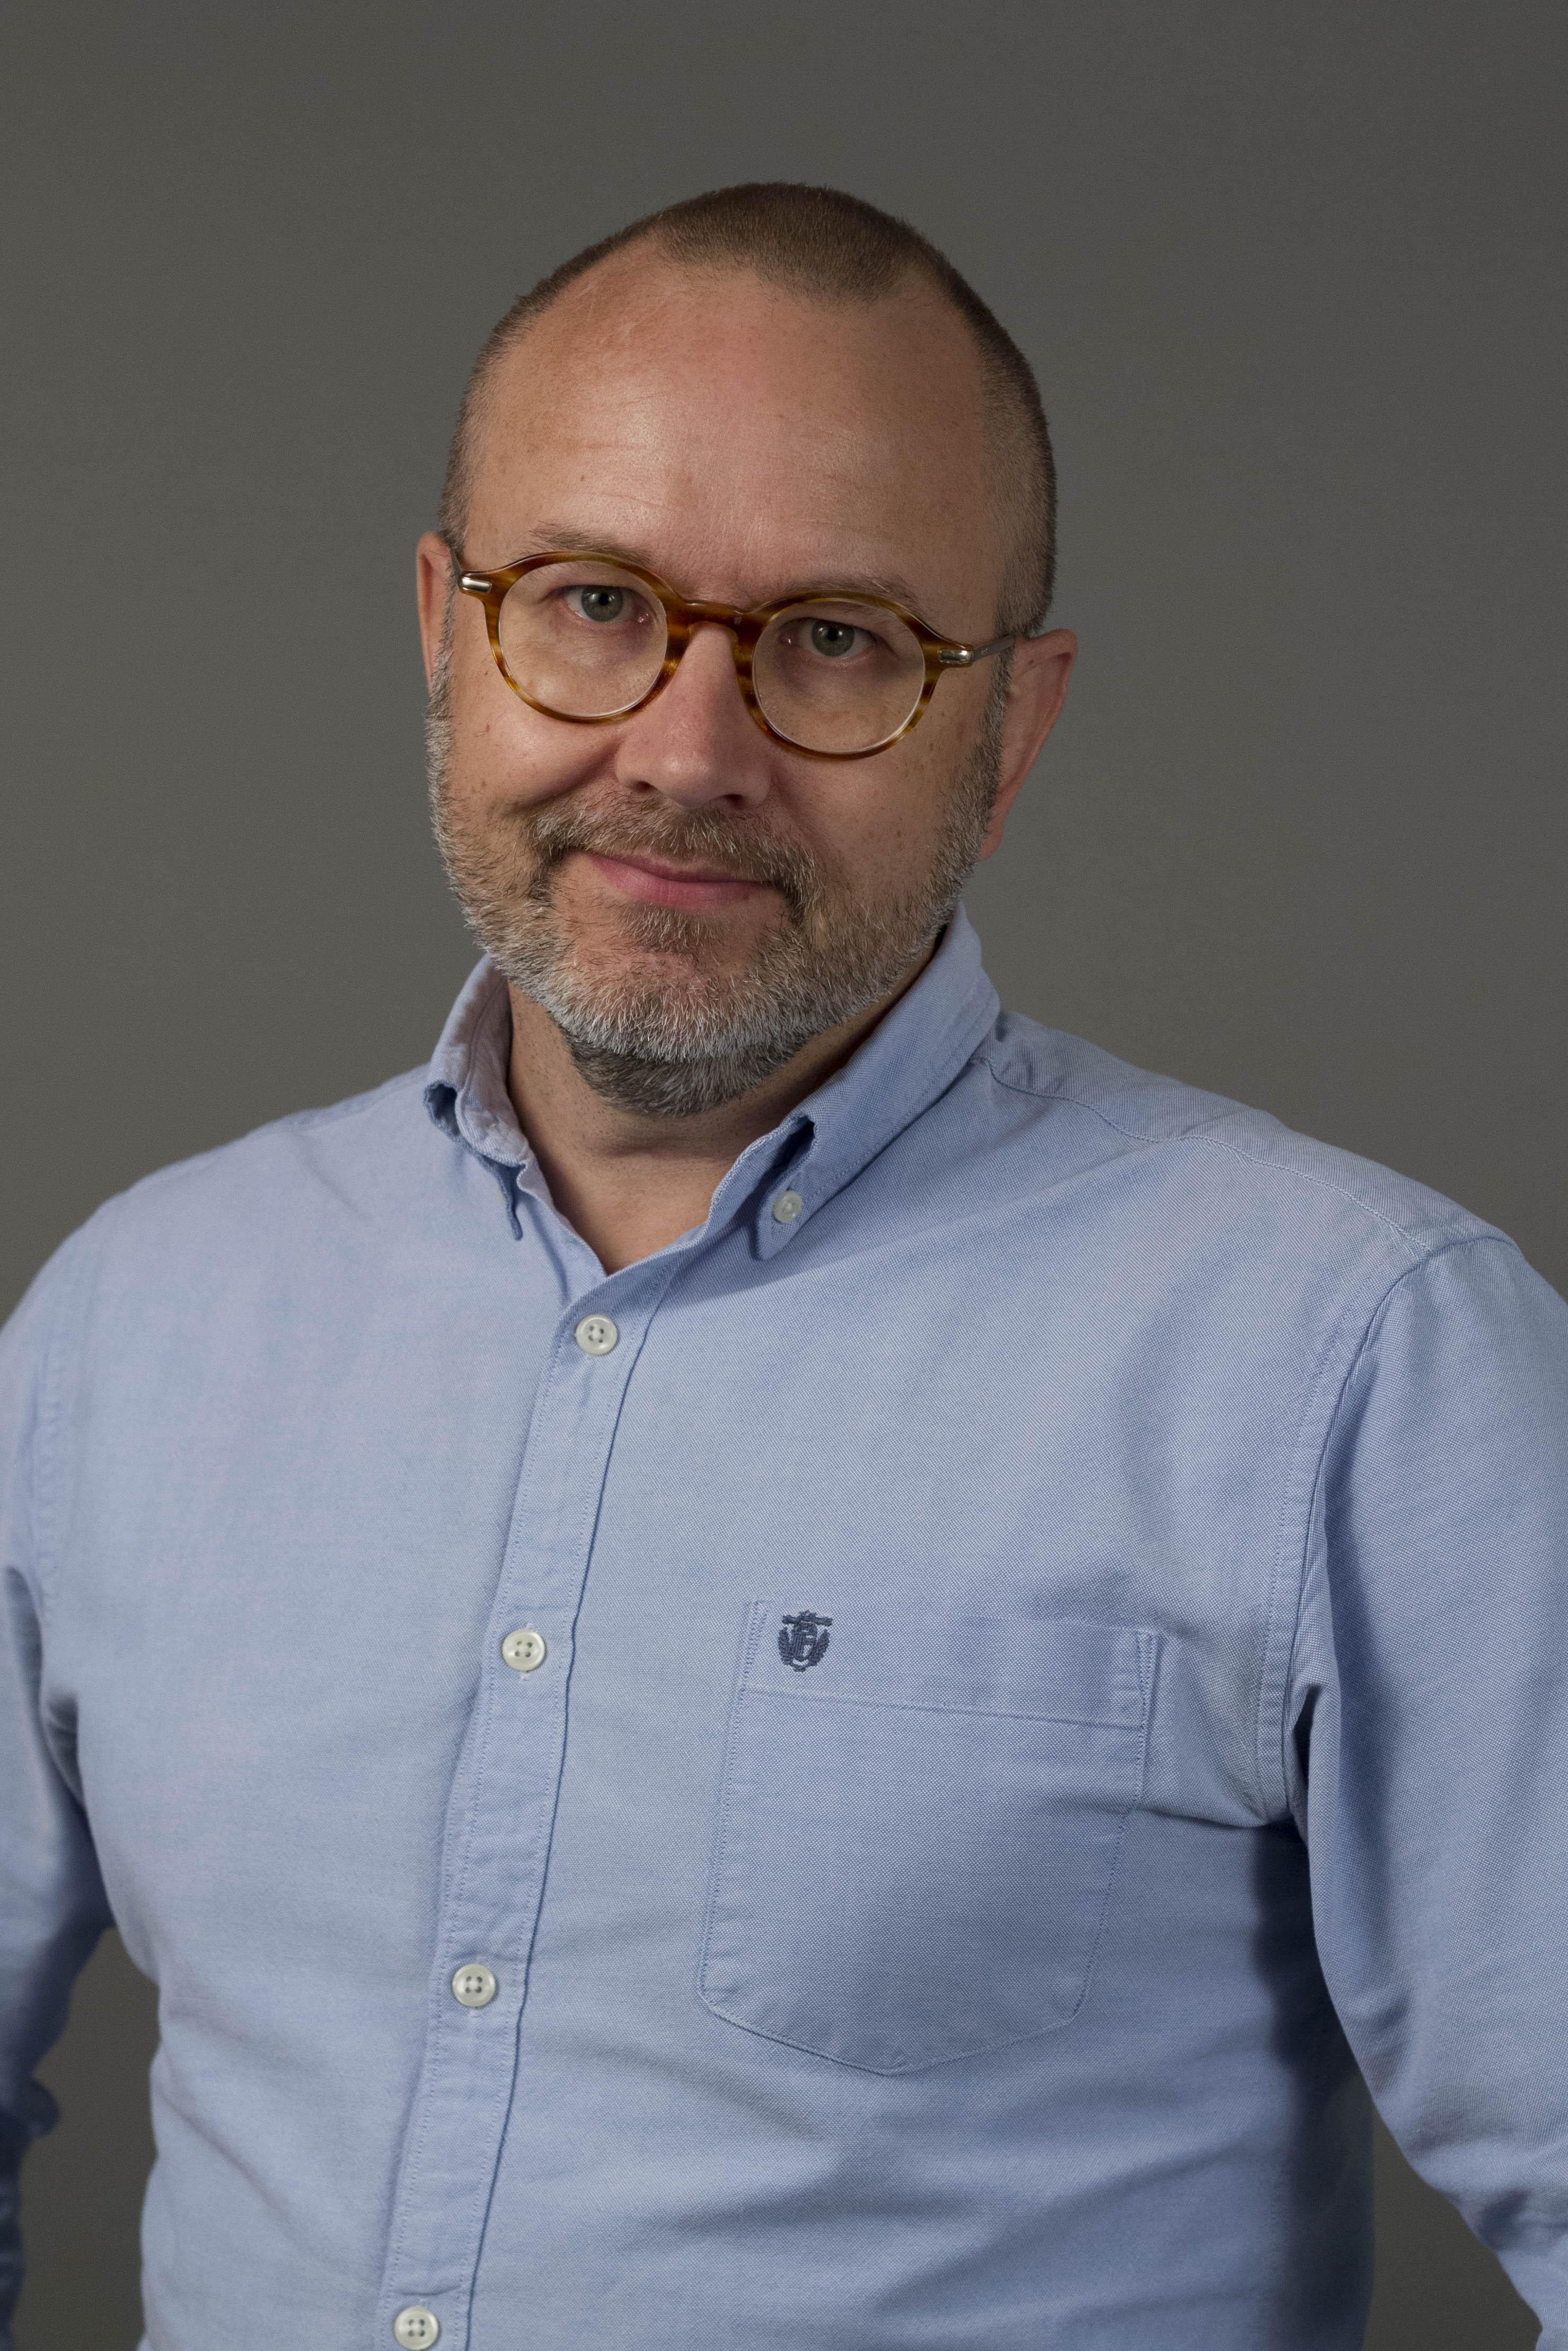 Erik Engvall